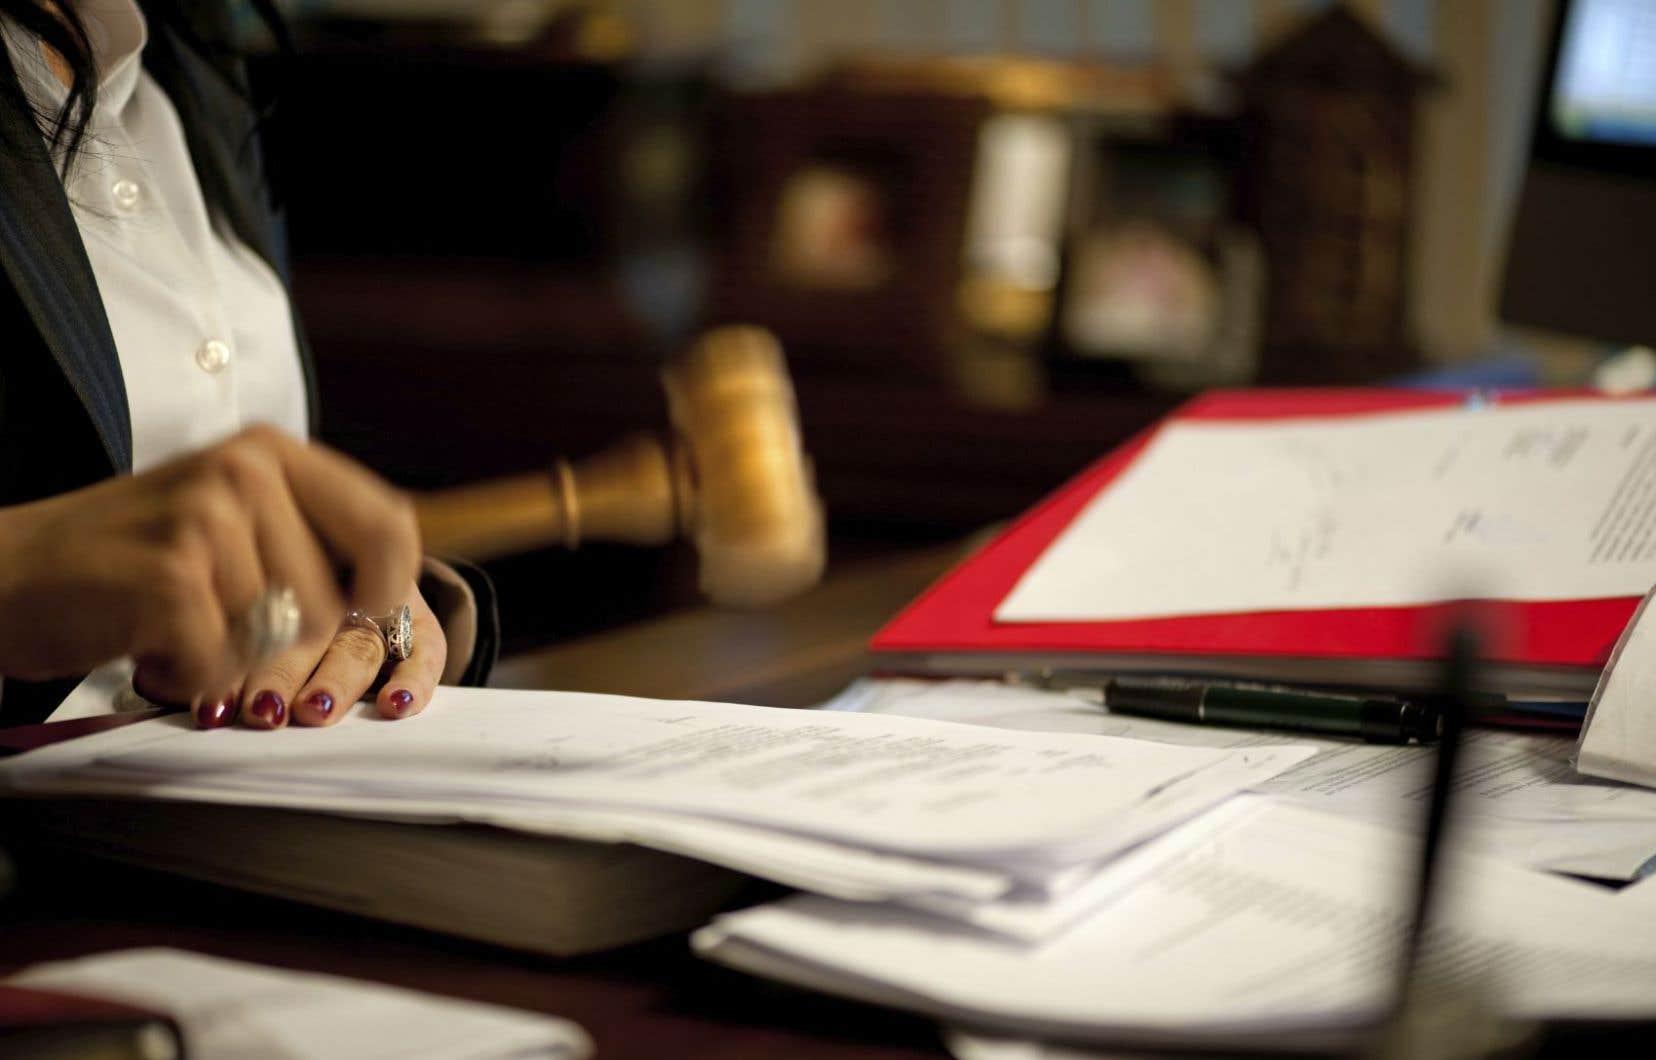 Au total, Ottawa a la responsabilité de combler 1122 postes de juges à travers le pays. À l'heure actuelle, 57 de ces postes sont vacants.